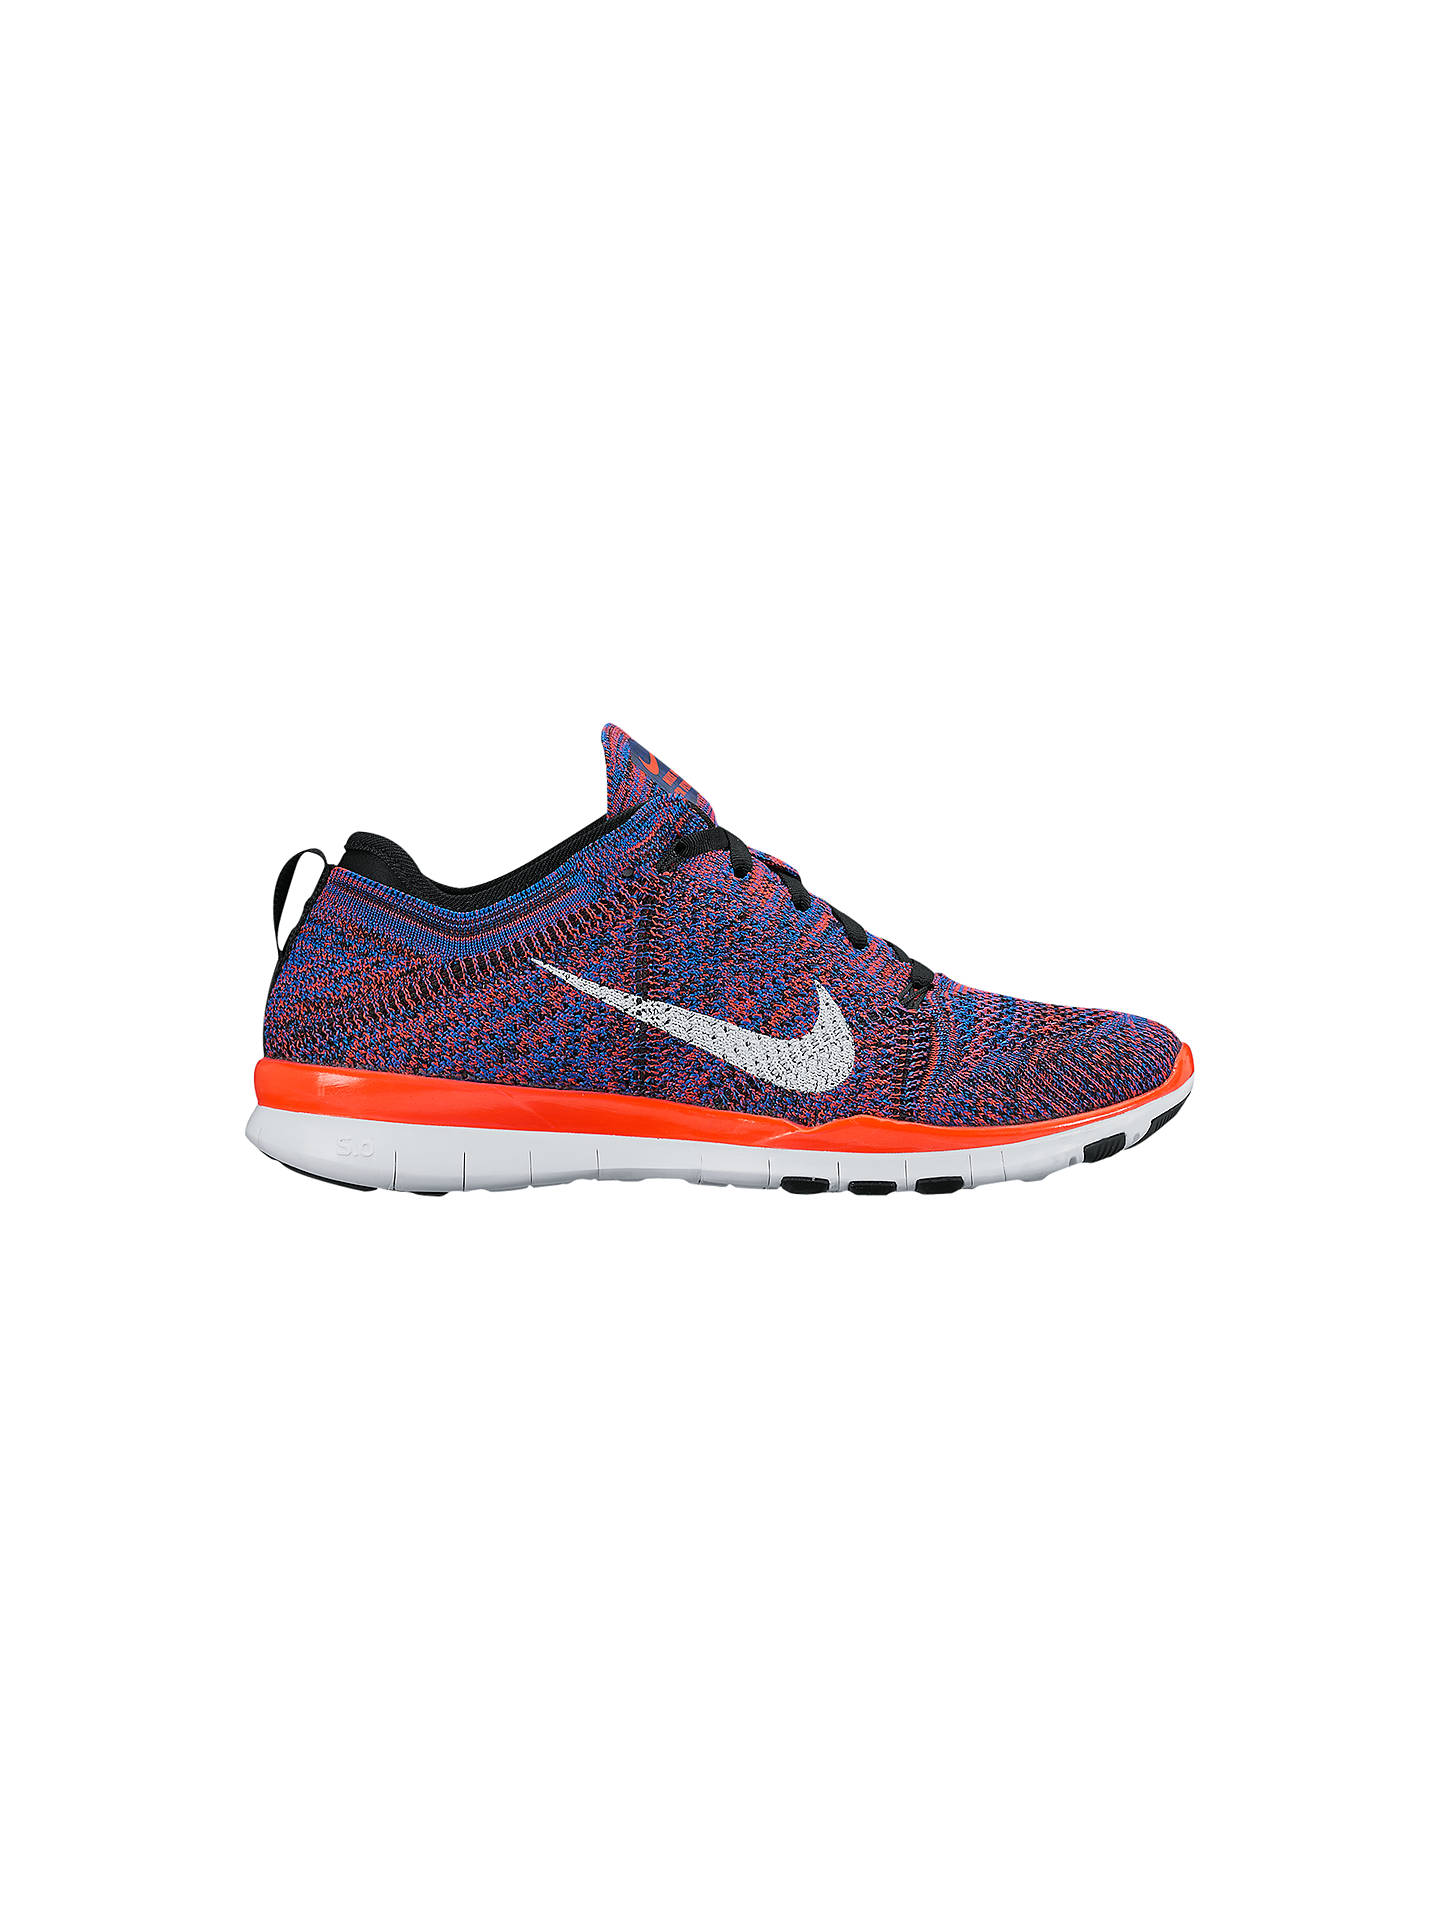 2d9911296cad Buy Nike Free TR Flyknit Women s Cross Trainers